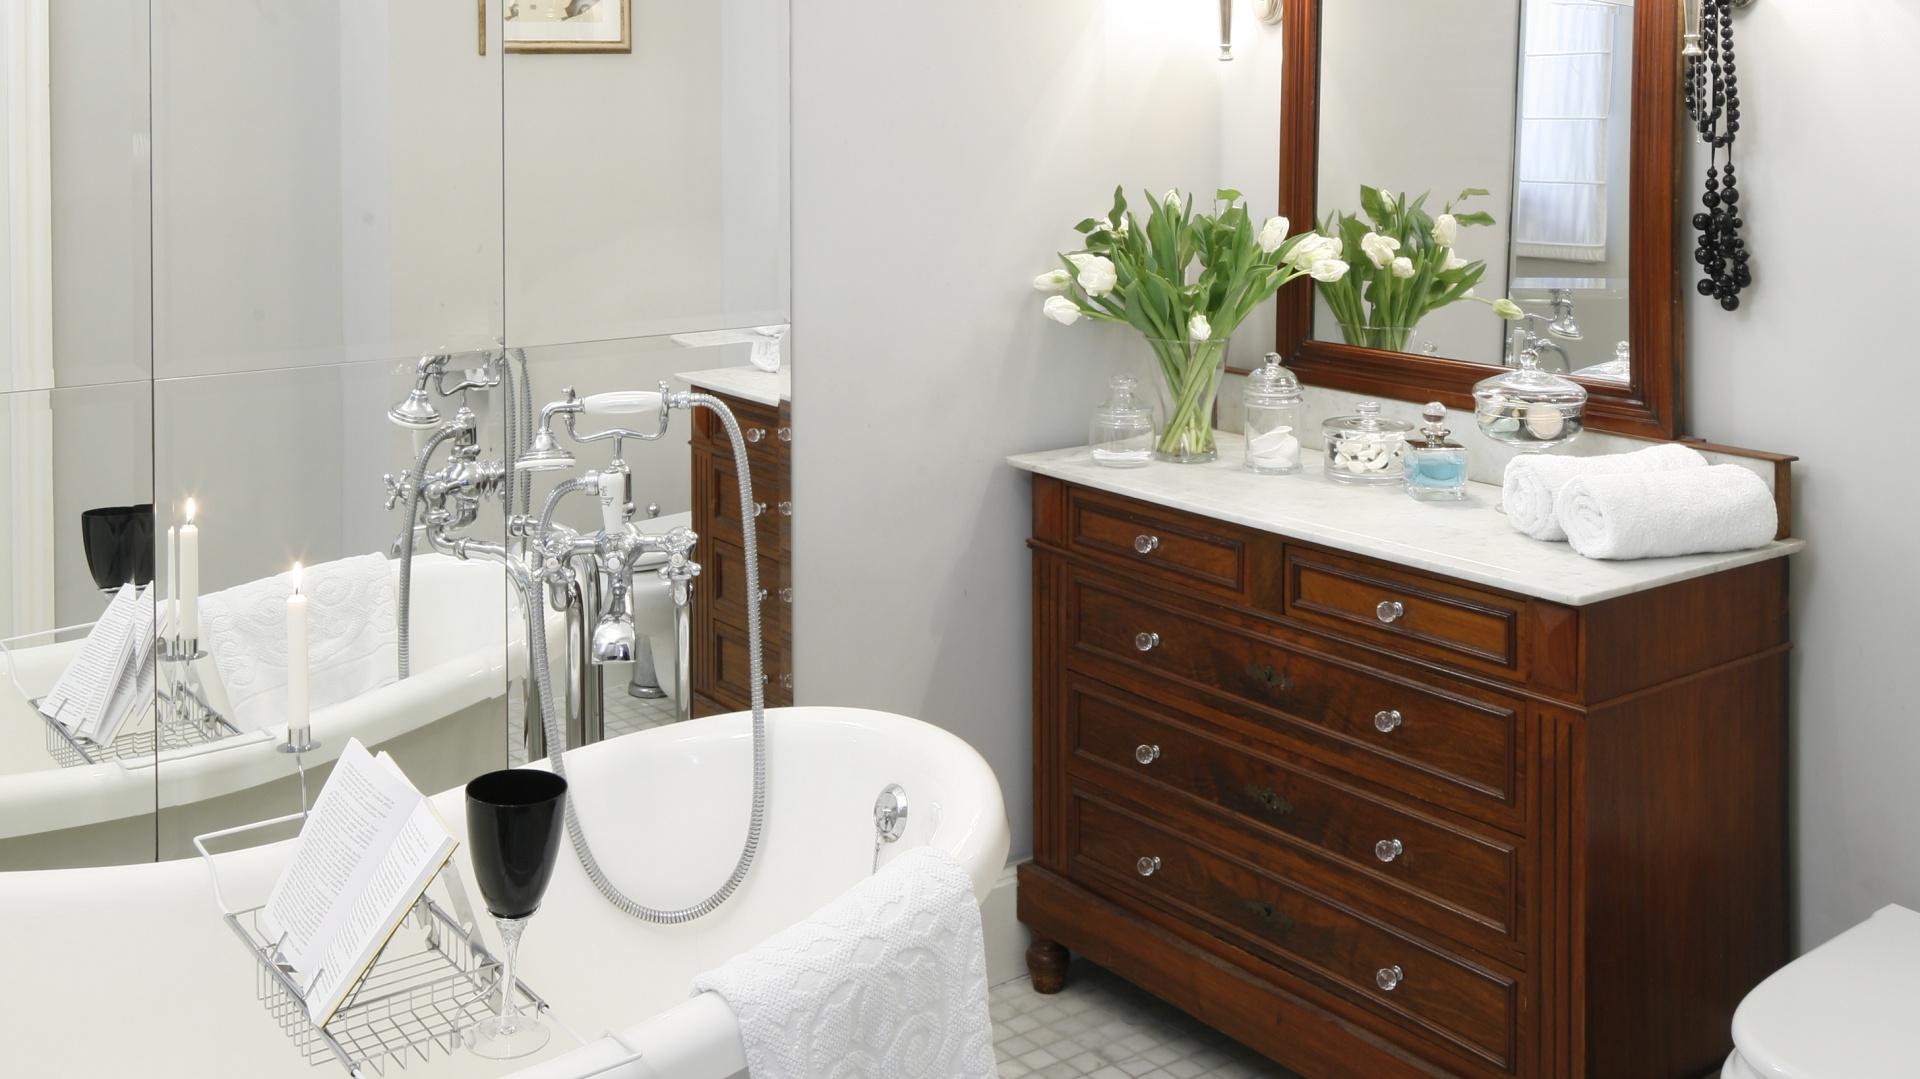 Biała łazienka Ocieplona Drewnem Pomysły Architektów